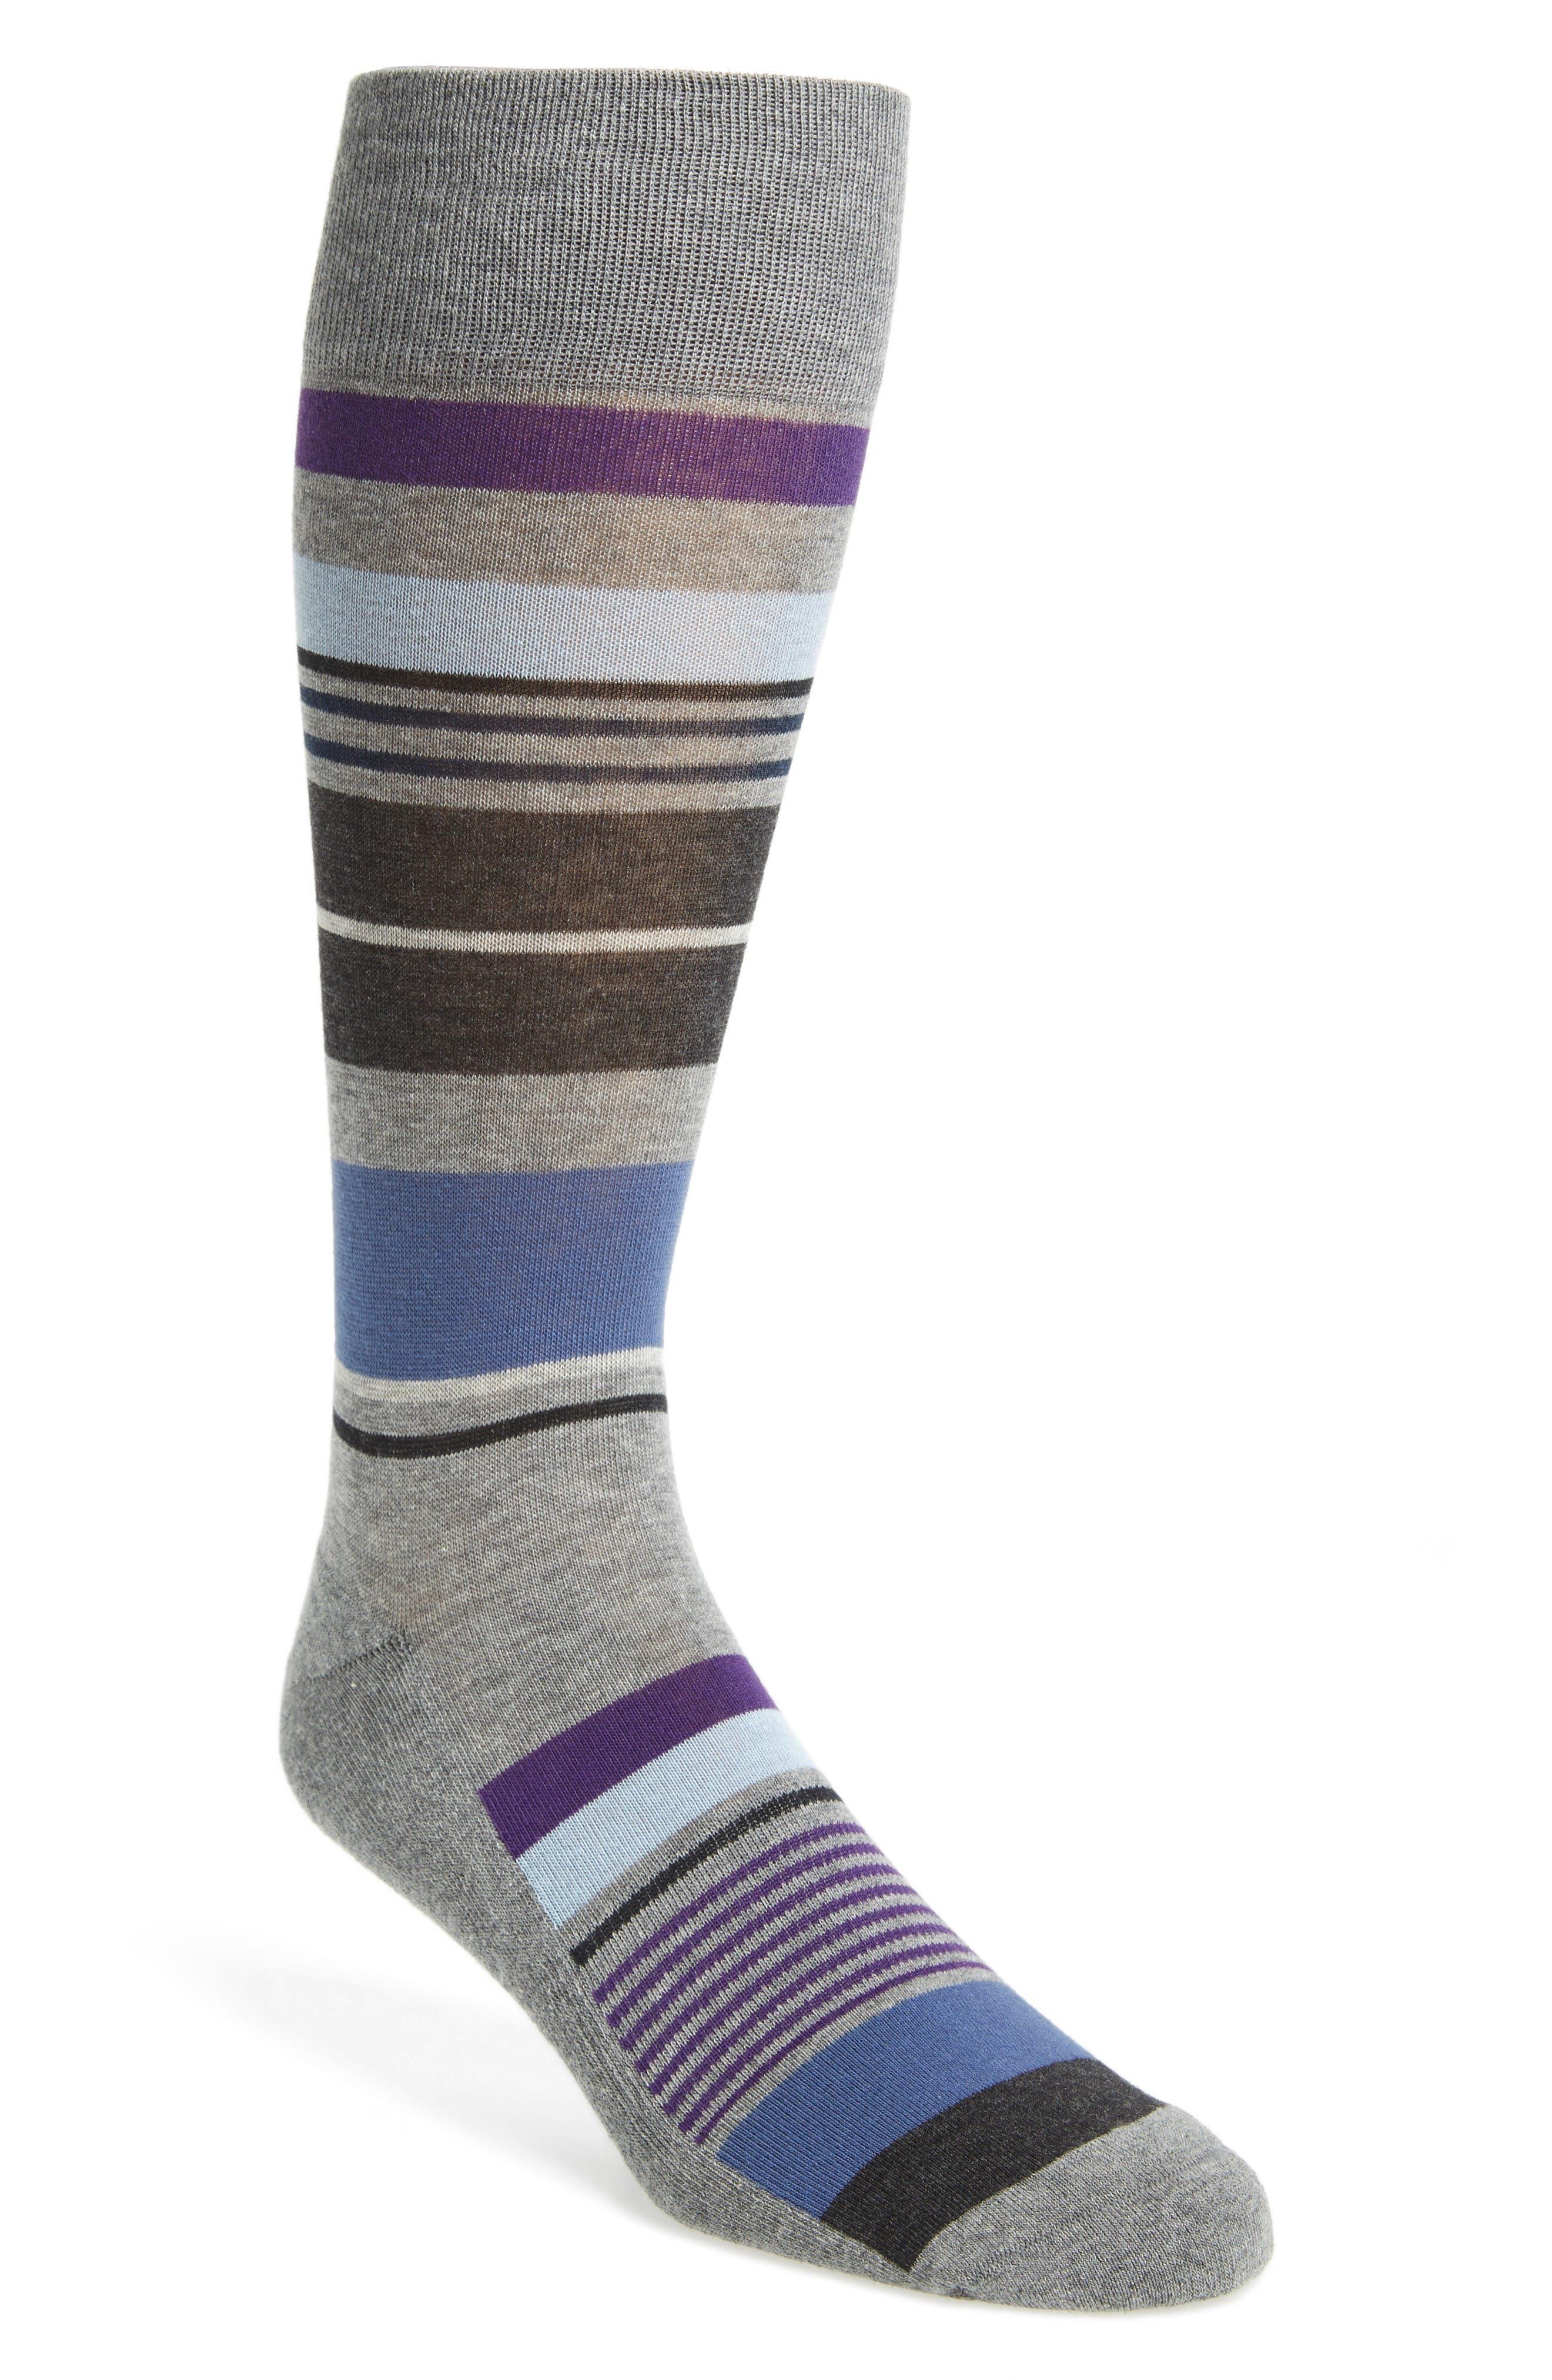 Nordstrom Men's Shop Bright Stripe Socks